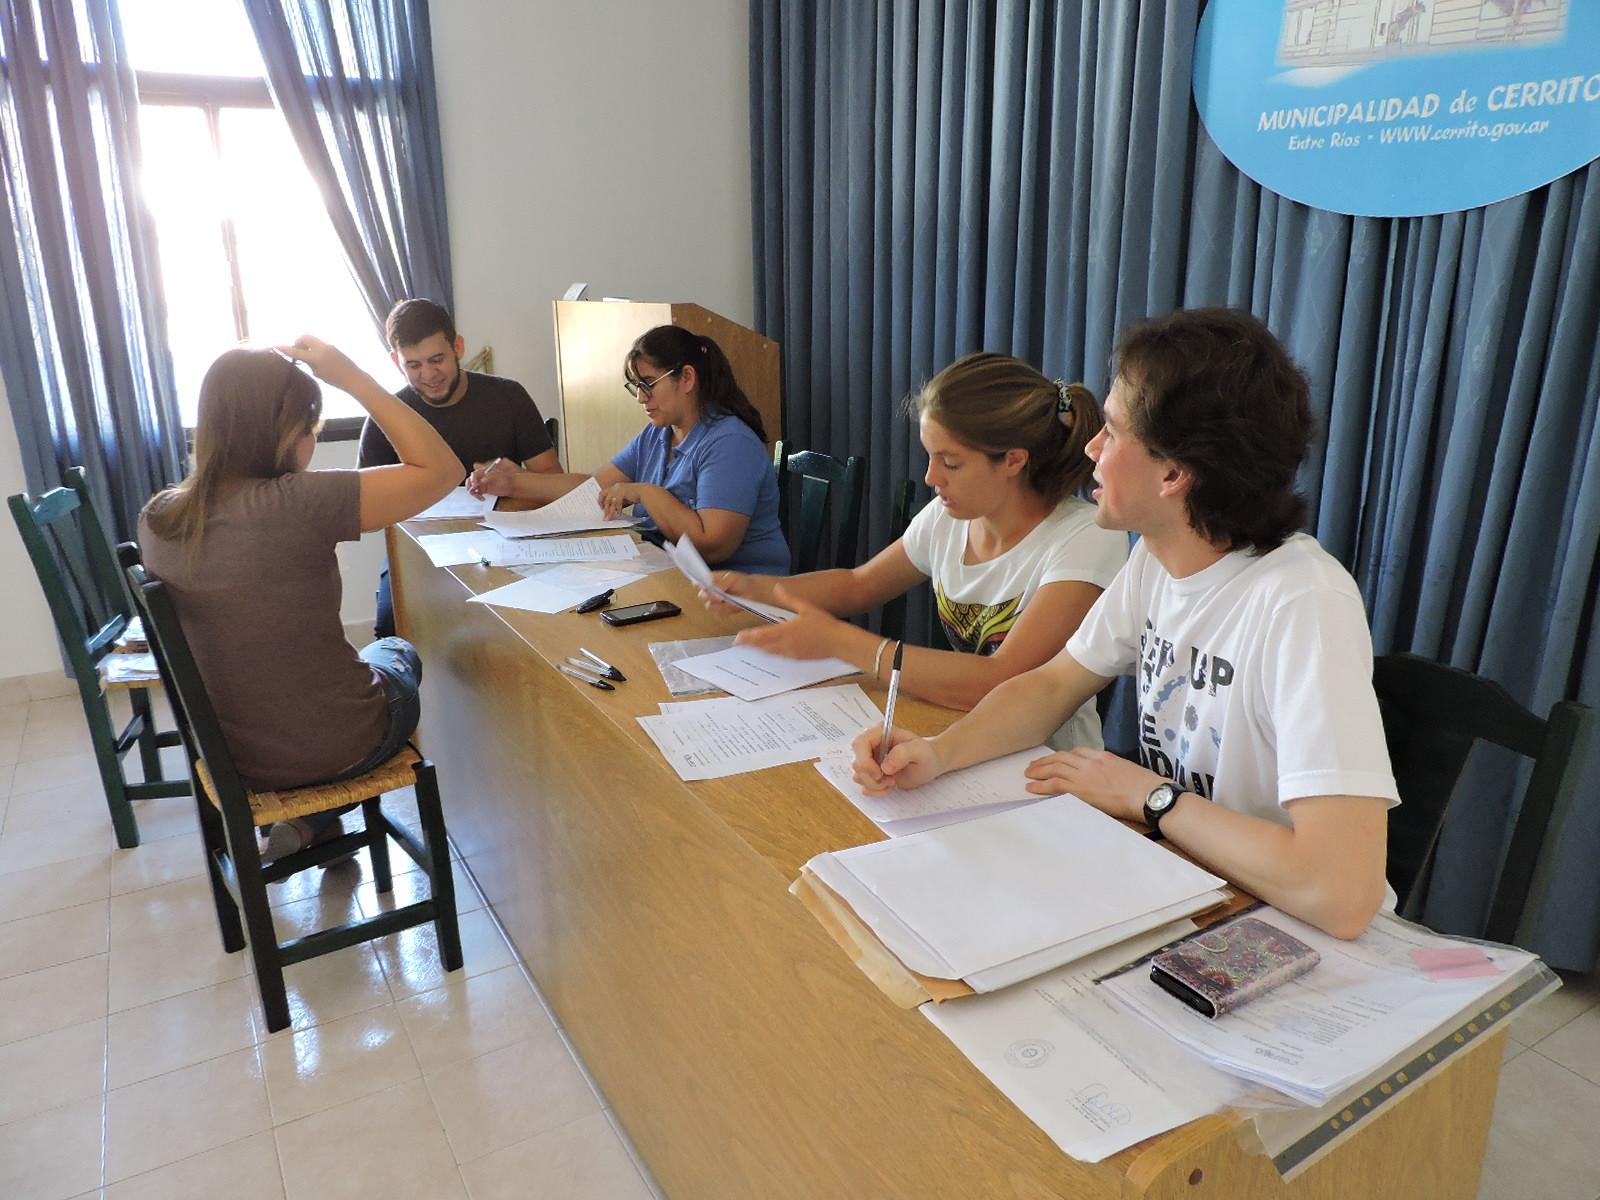 Evaluación de solicitudes de becas estudiantiles